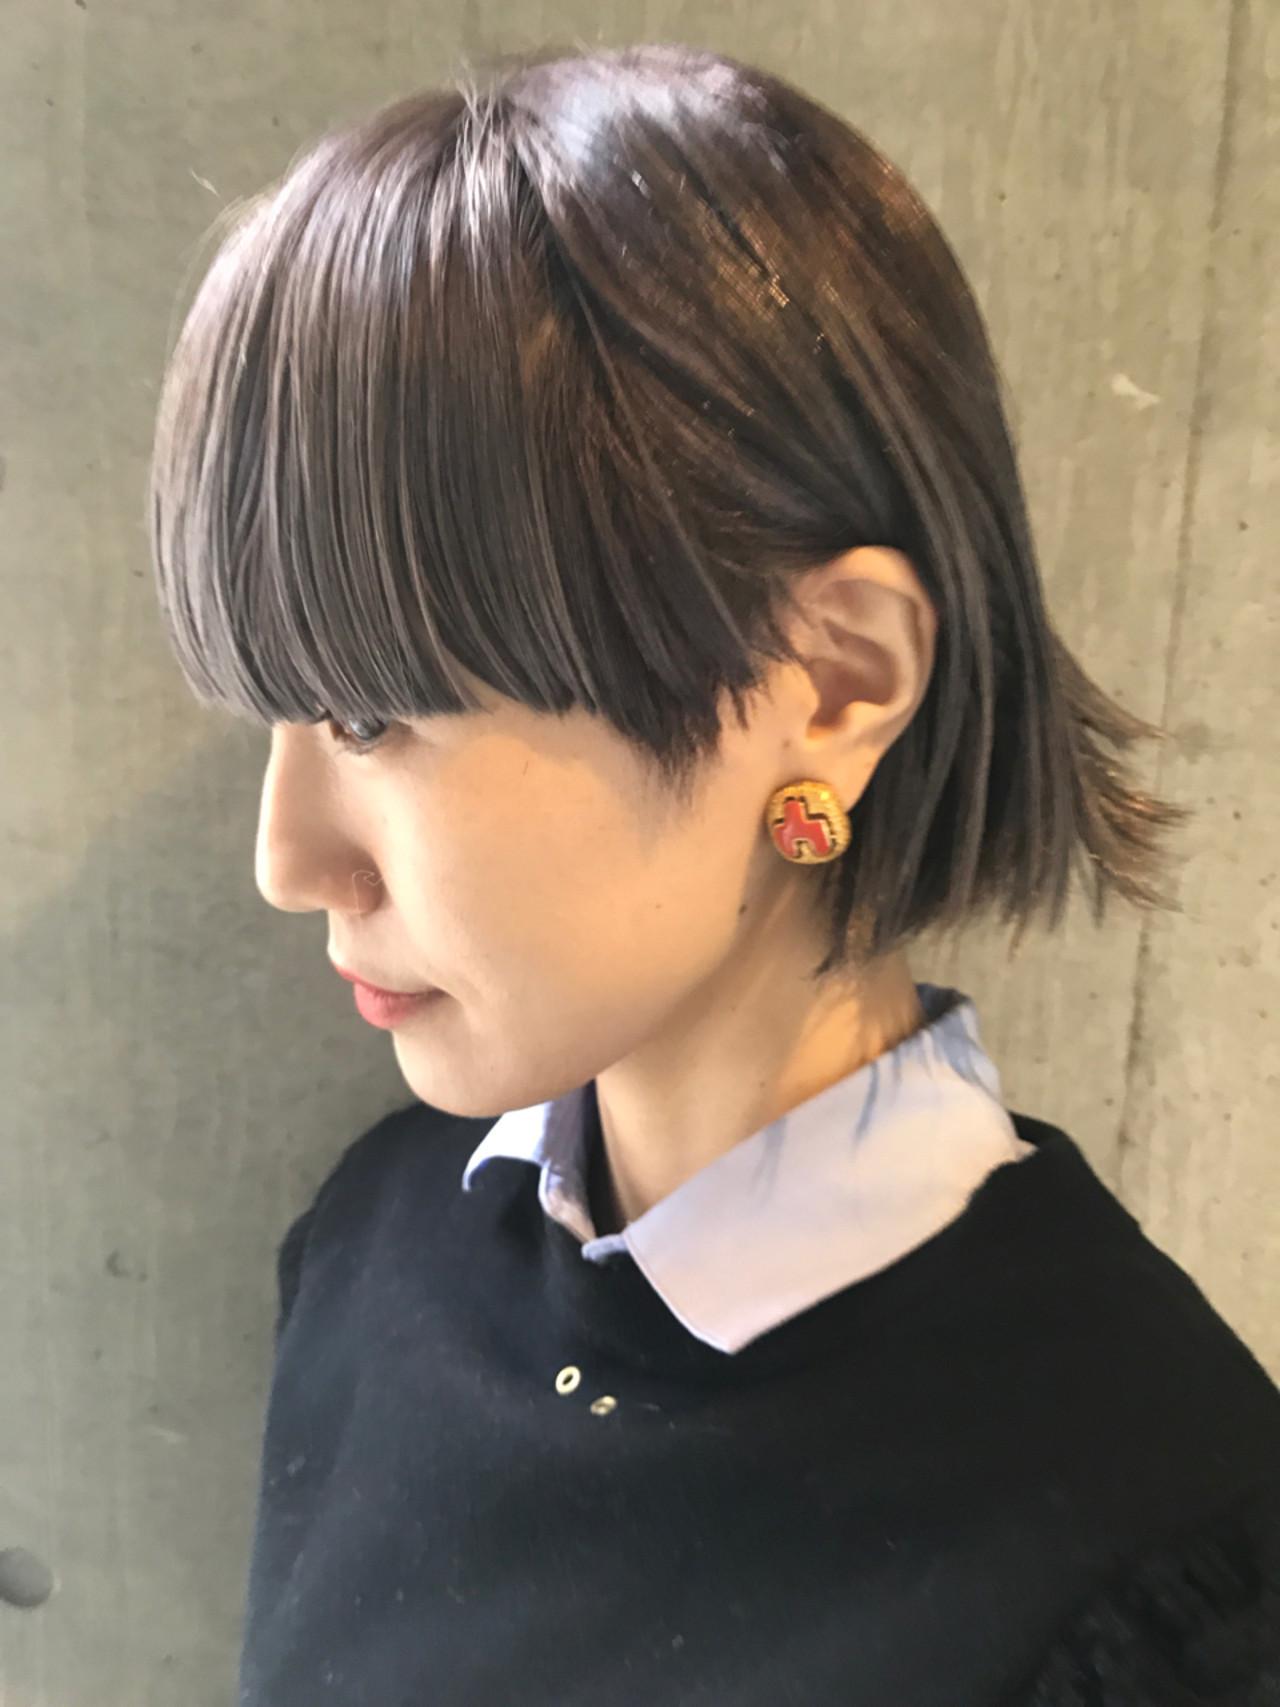 パーティ ヘアアレンジ モード エフォートレス ヘアスタイルや髪型の写真・画像 | bibito crew / bibito